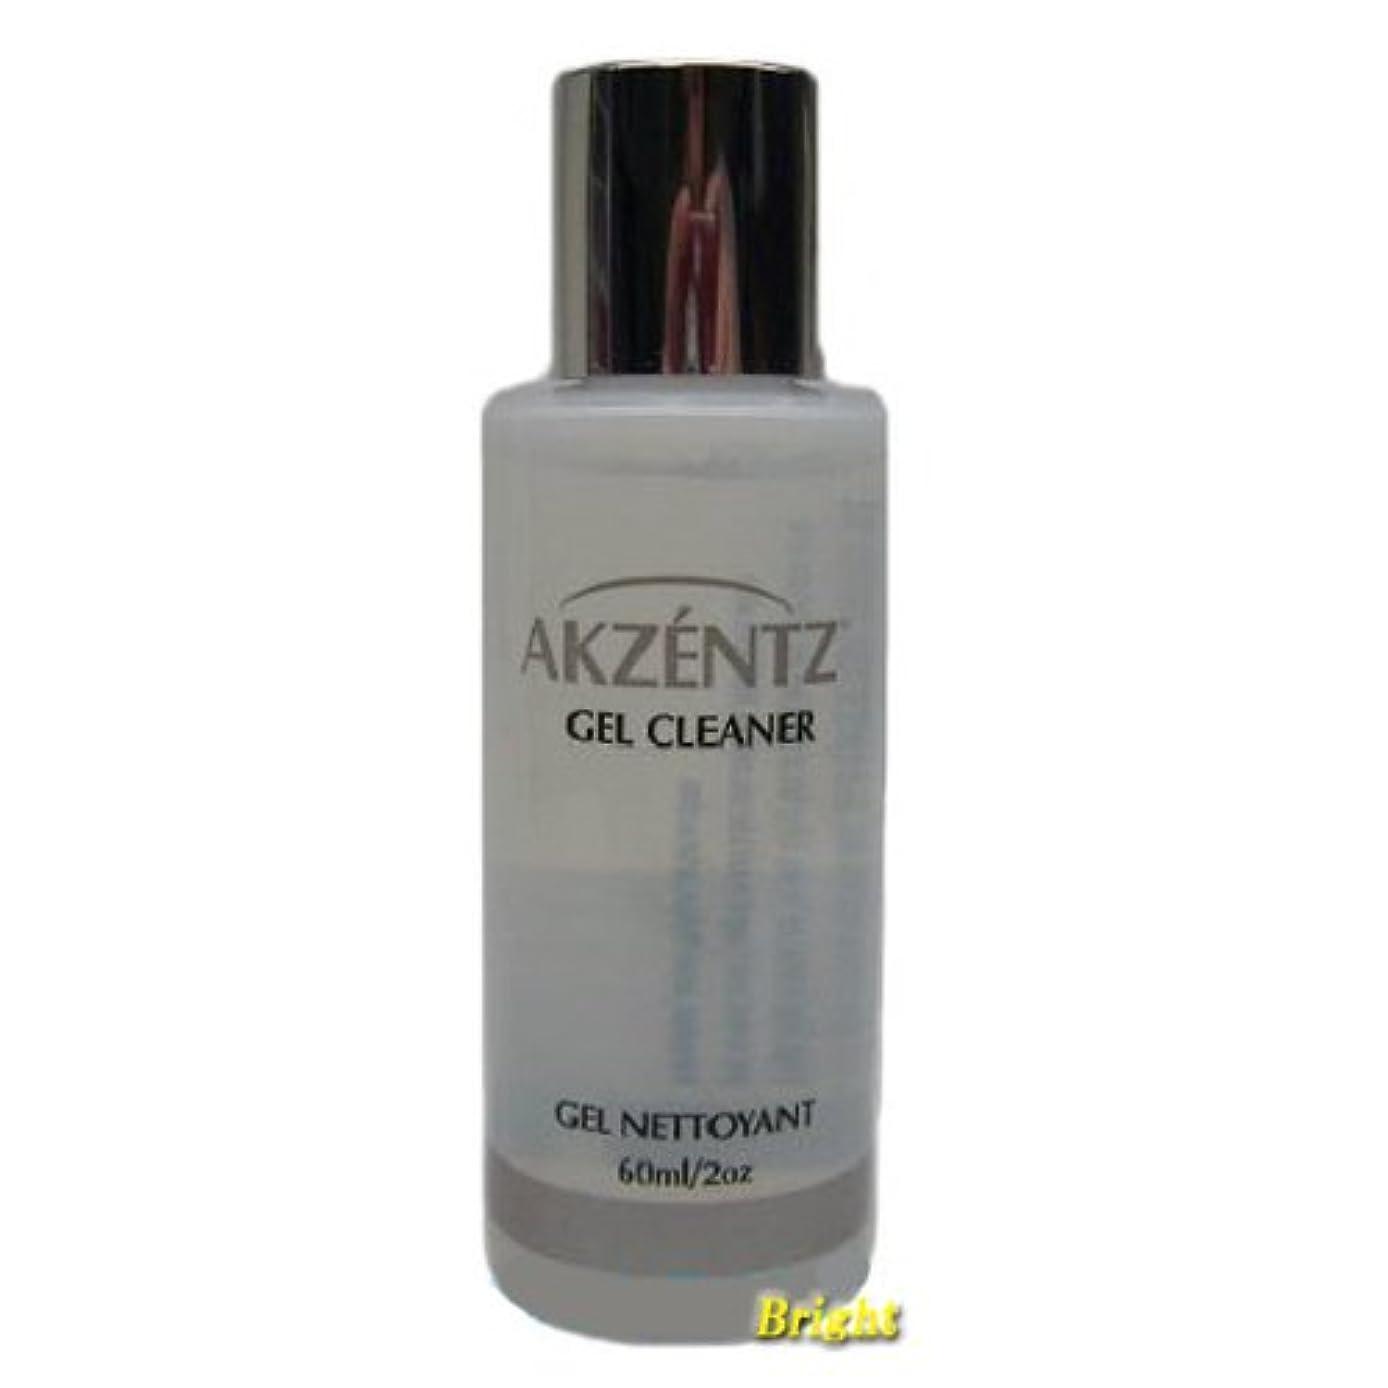 もう一度アブストラクト価値アクセンツ ジェルクリーナー 60ml 未硬化ジェル拭き取り液 AKZENTZ ジェルネイル